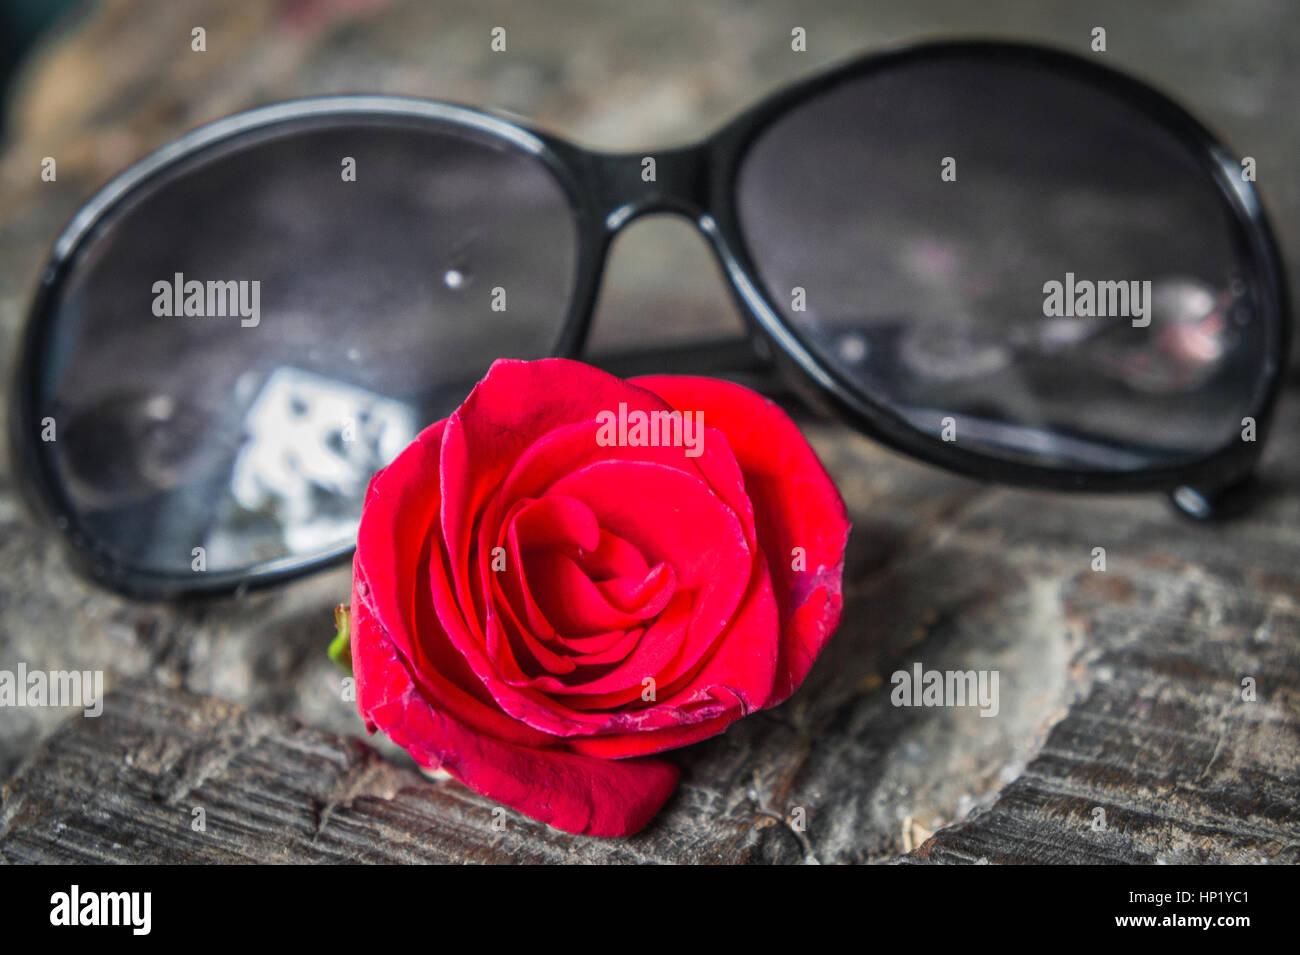 Les lunettes de soleil et rose rouge posé sur une table en bois. close- 26c80e51ddc0